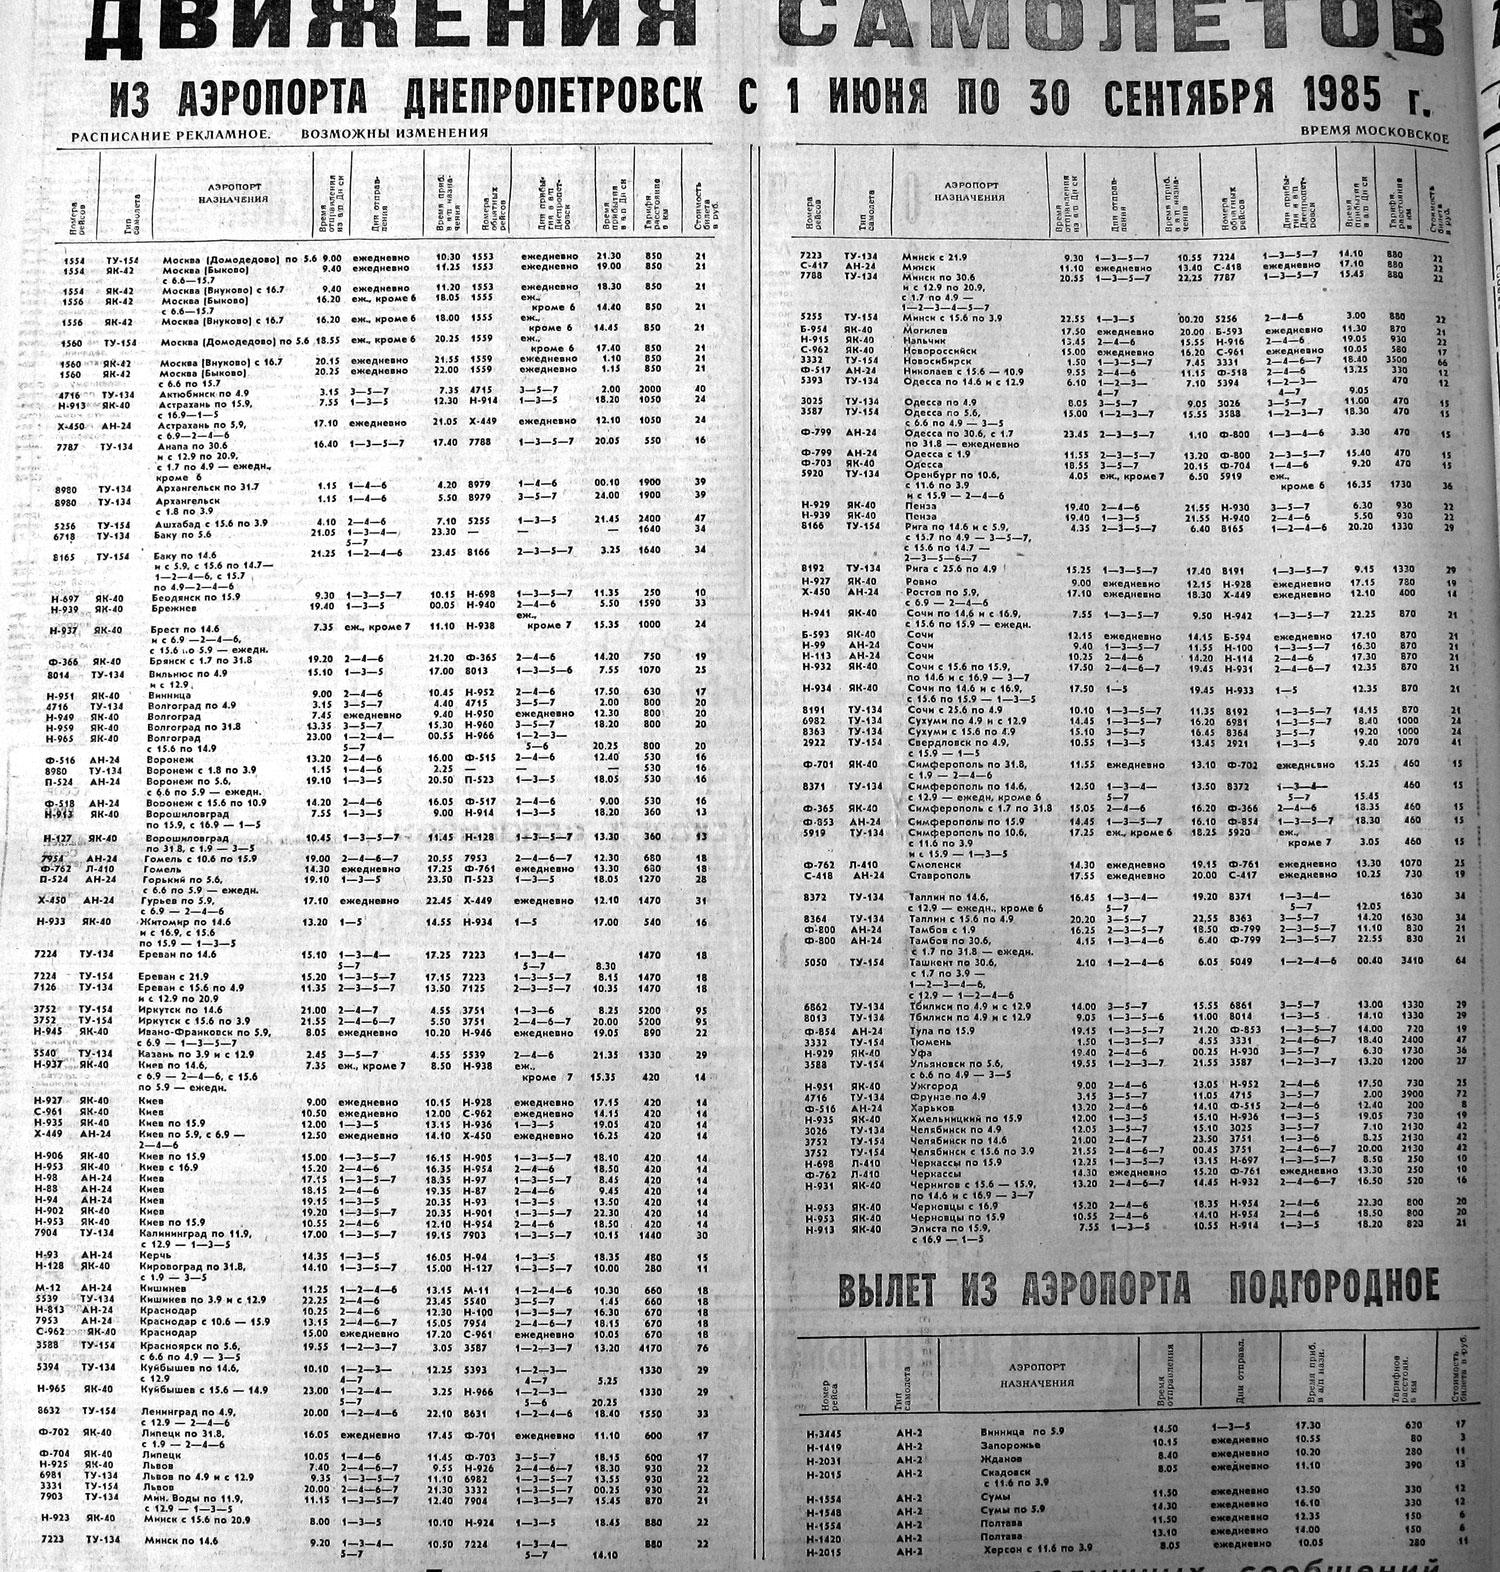 Авиабилеты эконом класс из красноярска до москвы